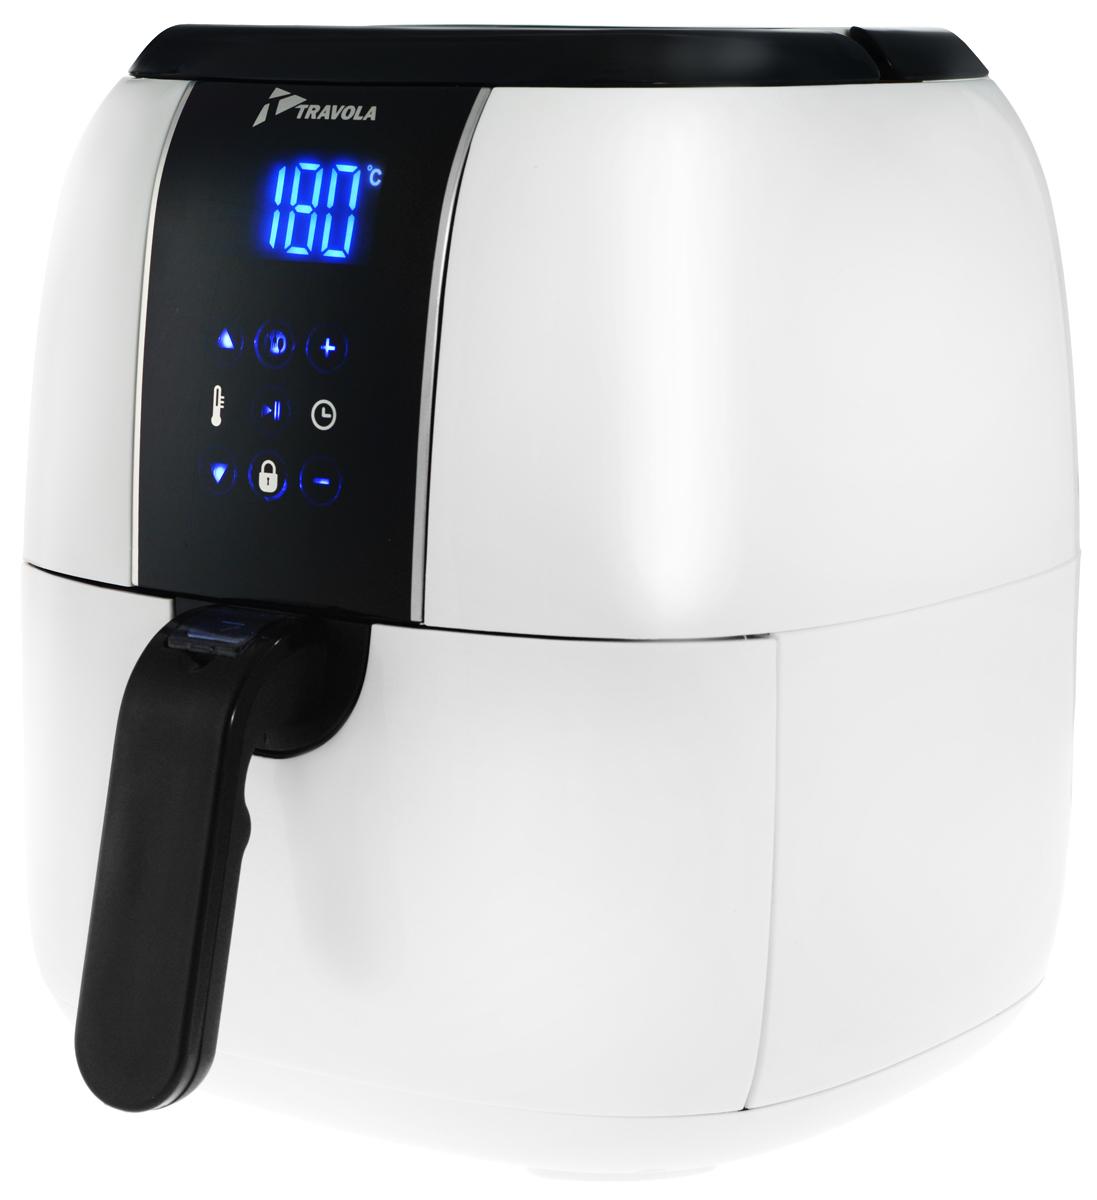 Travola, White аэрогрильAFE02B_whiteАэрогриль Travola - это легкий и быстрый способ приготовить вкусные и полезные блюда. Благодаряциркуляции горячего воздуха вы можете готовить разнообразную пищу, используя минимальное количество масла.Аэрогриль оснащен съемным контейнером. Встроенный таймер на 60 минут позволяет установить время приготовления. Вы можете регулировать температуру для приготовления пищи в диапазоне 60°С до 200°С. Сенсорная панель управления дает возможность легко выбрать нужную вам программу. Аэрогриль Travola оборудован предохранительным выключателем. При извлечении поддона из аэрогриля во время его работы, устройство прекращает нагрев, а таймер автоматически переключается на паузу, пока поддон не будет помещен назад.Программы:01 - Замороженная жареная картошка (200°С, 16 минут)02 - Жареная картошка по-домашнему (200°С, 18 минут)03 - Стейк (180°С, 15 минут)04 - Куриные ножки (180°С, 20 минут)05 - Рыба (200°С, 12 минут)06 - Кекс (200°С, 17 минут) * Победитель номинации «Лучшая собственная торговая марка в сегменте ONLINE»Премия PRIVATE LABEL AWARDS (by IPLS) —международная премия в области собственных торговых марок, созданная компанией Reed Exhibitions в рамках выставки «Собственная Торговая Марка» (IPLS) 2016 с целью поощрения розничных сетей, а также производителей продовольственных и непродовольственных товаров за их вклад в развитие качественных товаров private label, которые способствуют росту уровня покупательского доверия в России и СНГ.